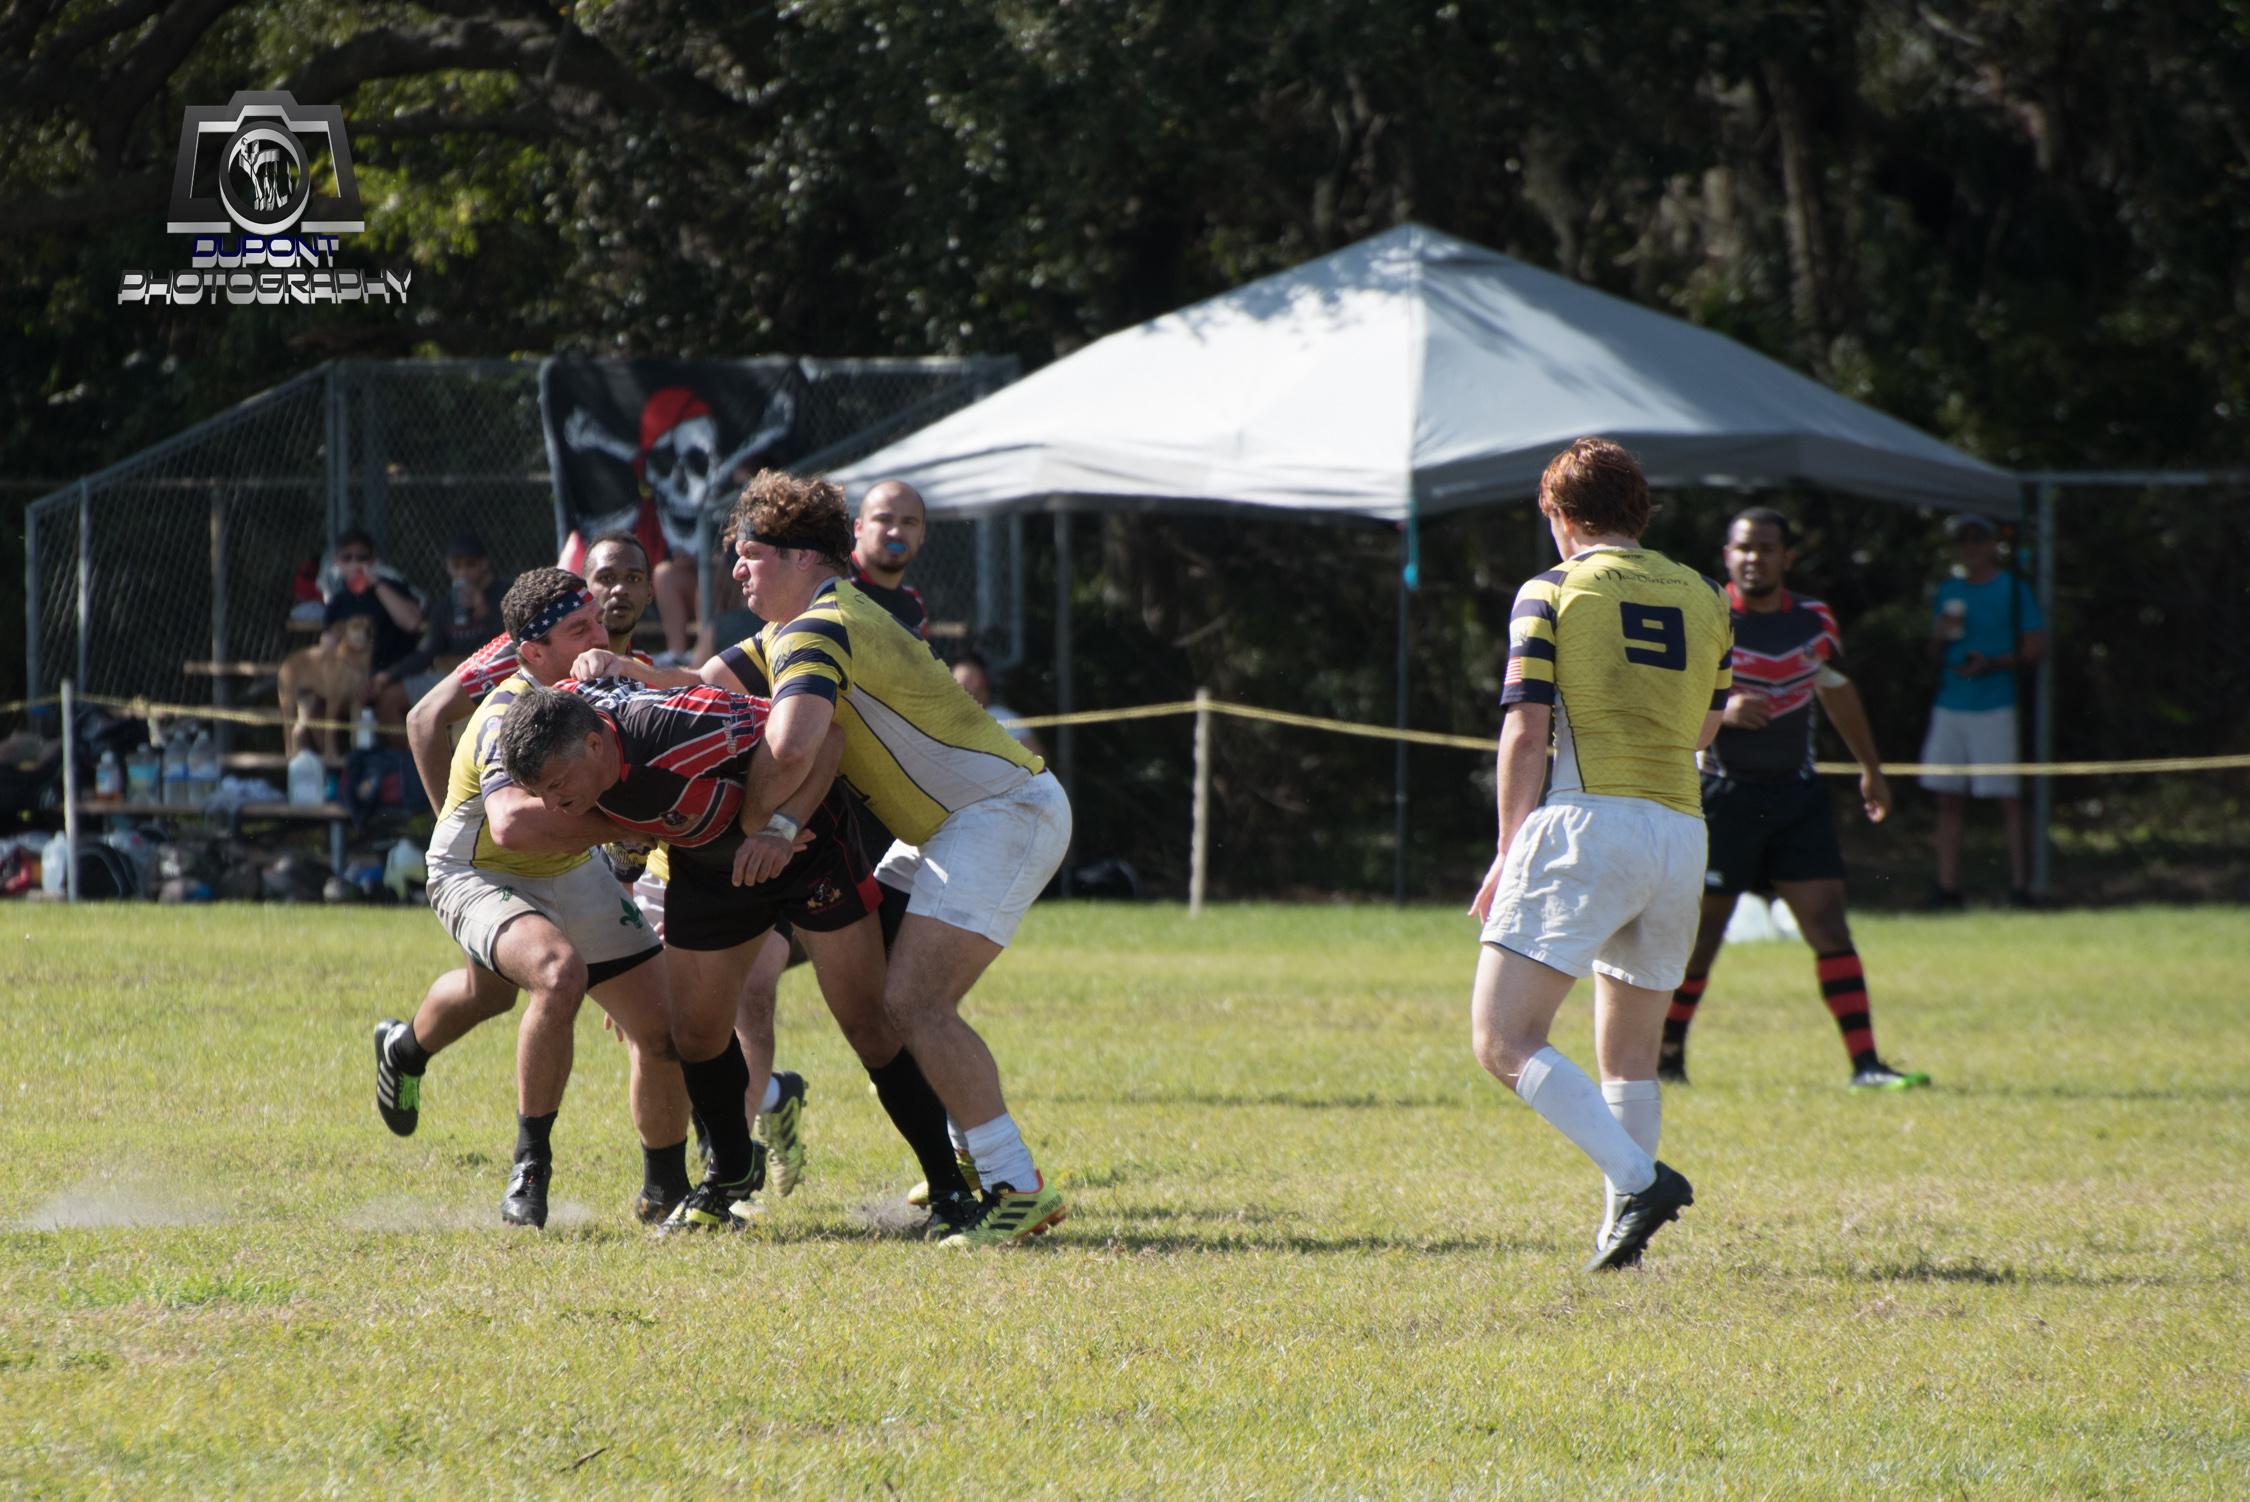 2019-01-19 Rugby-8-1.jpg